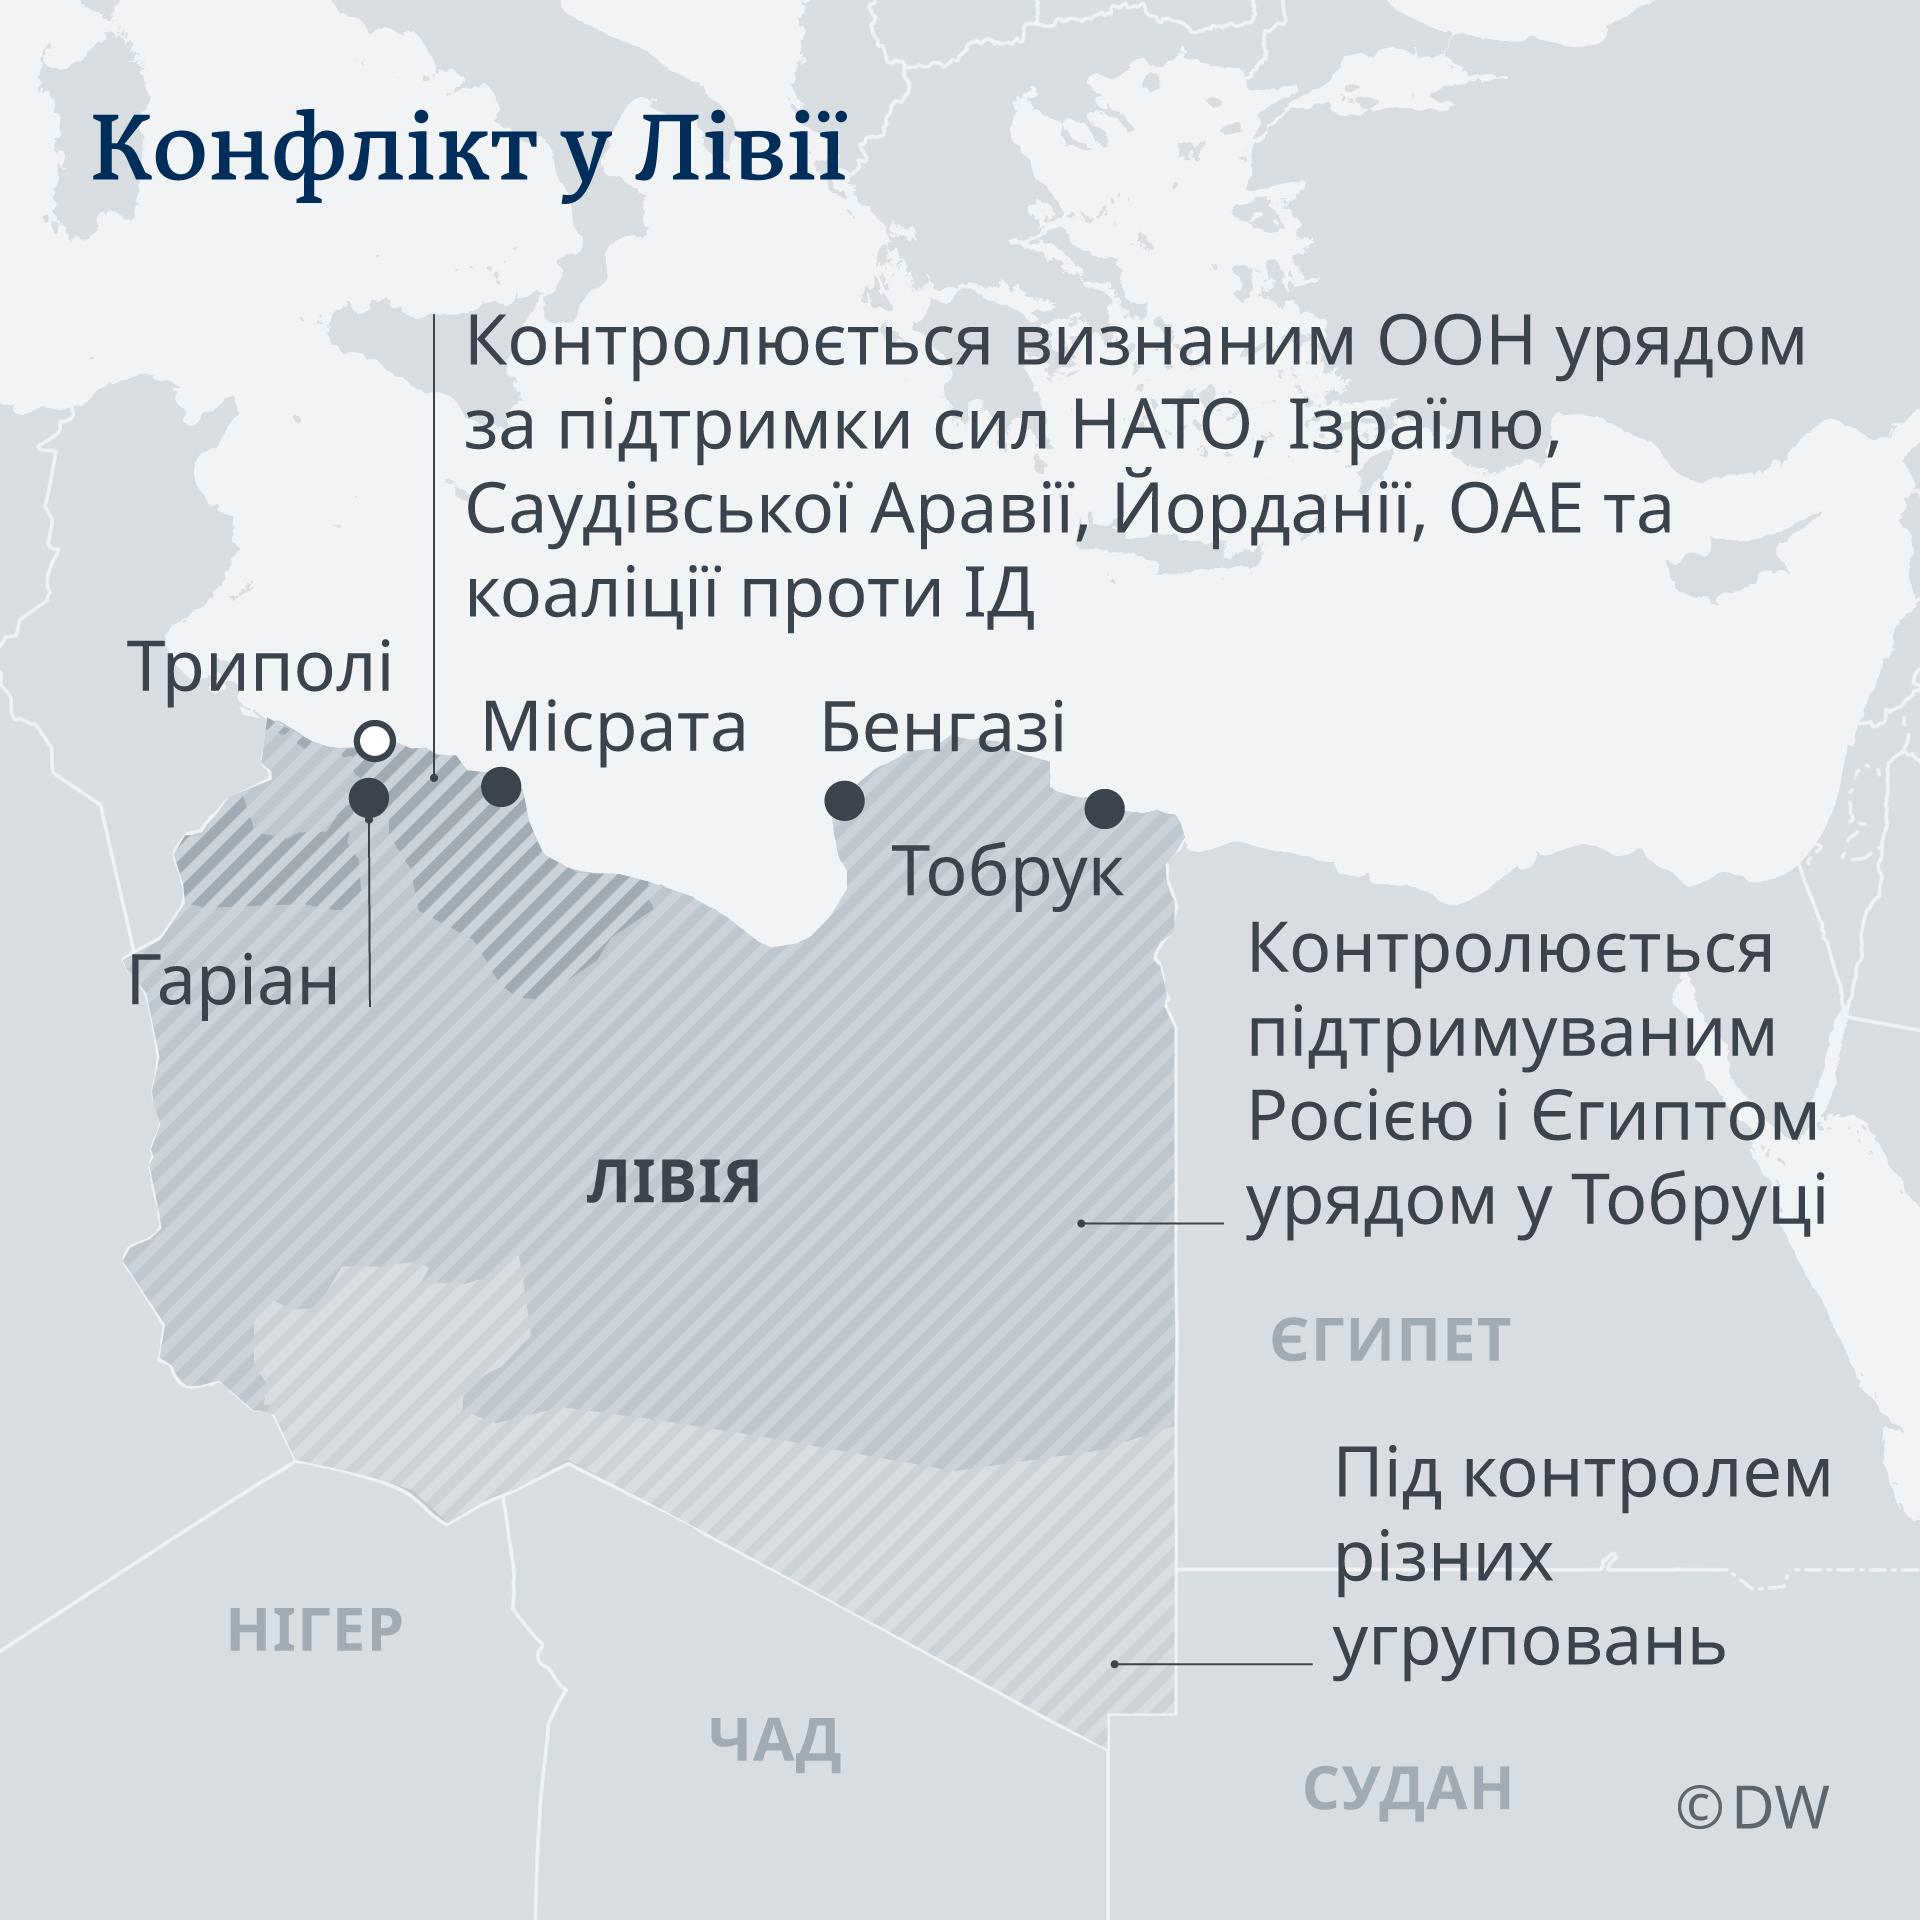 Різні частини Лівії перебувають під контролем ворогуючих збройних угруповань - карта